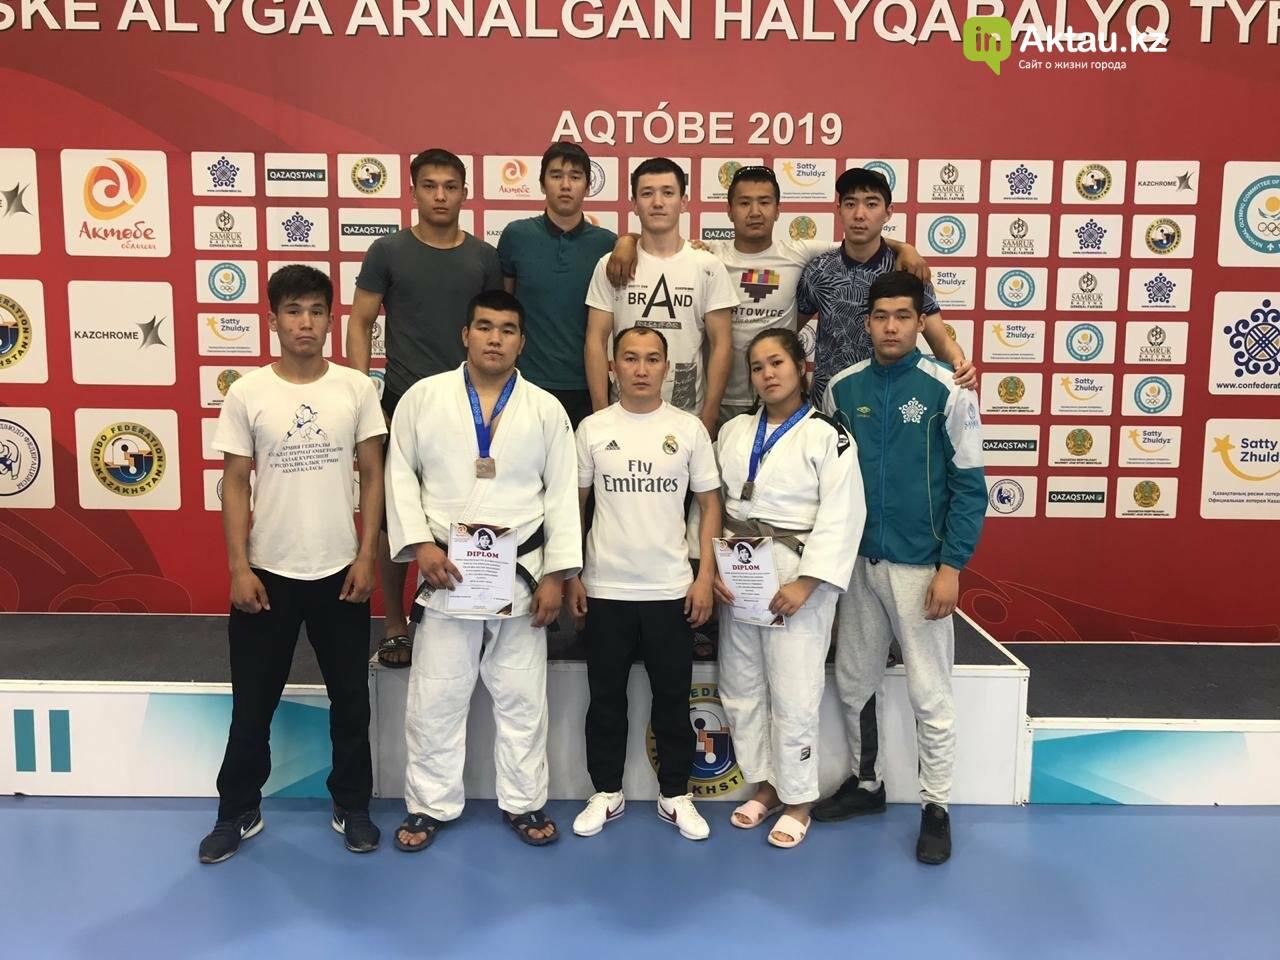 Четыре медали завоевали дзюдоисты из Мангистау на международном турнире, фото-2